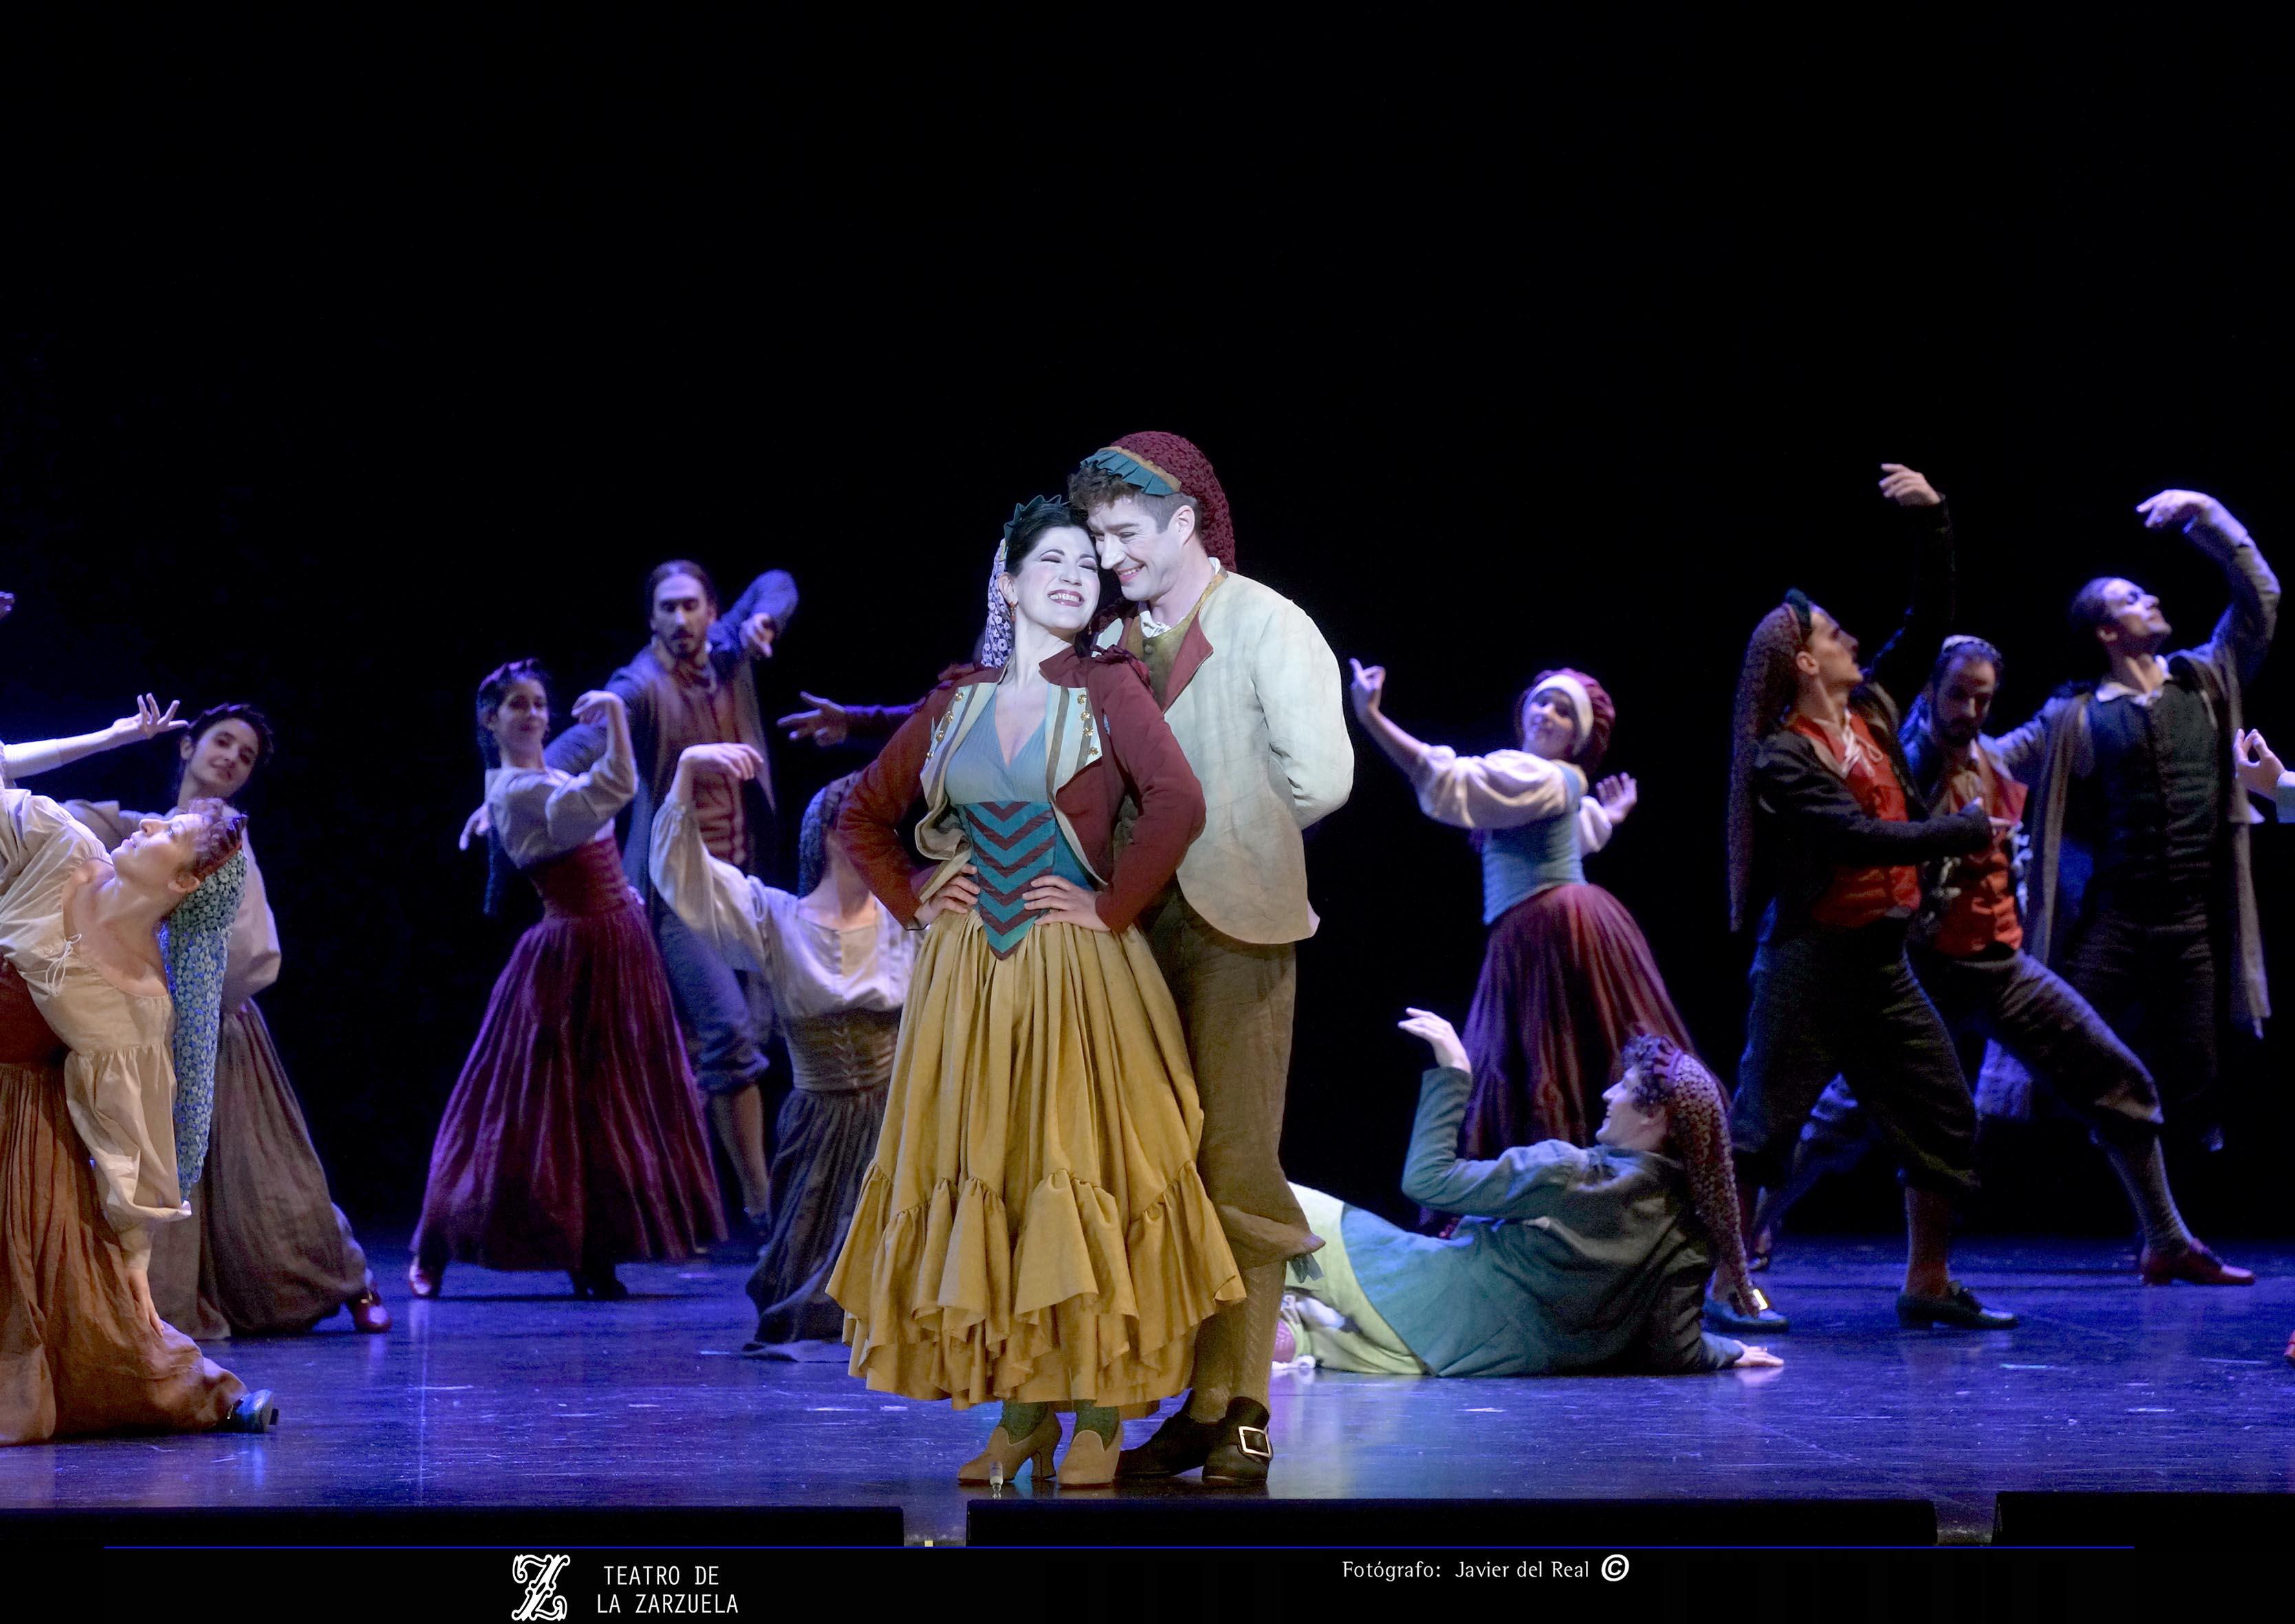 Les Arts amplía el ciclo de preestrenos para menores de 29 años con Cavalleria Rusticana y Pagliacci